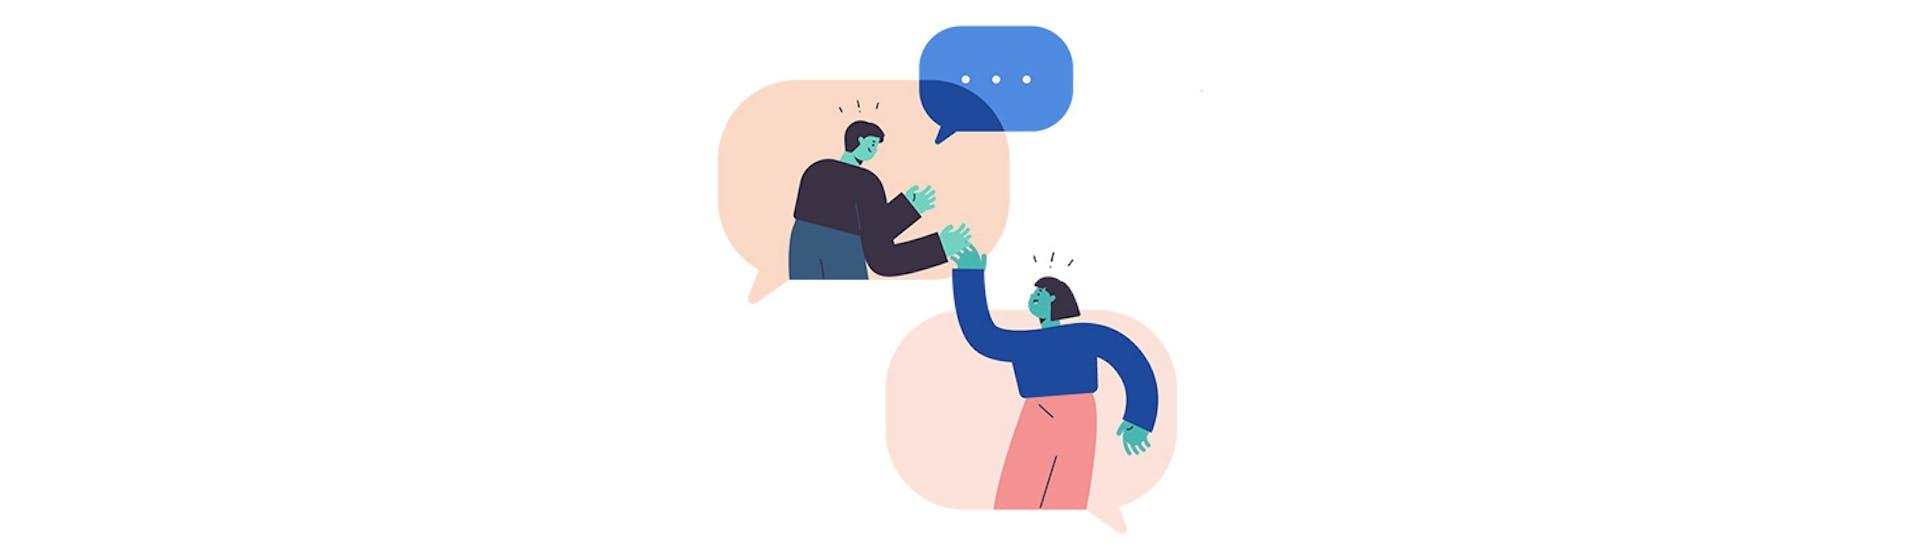 ¿Cuáles son los mejores tips de comunicación para una negociación exitosa?